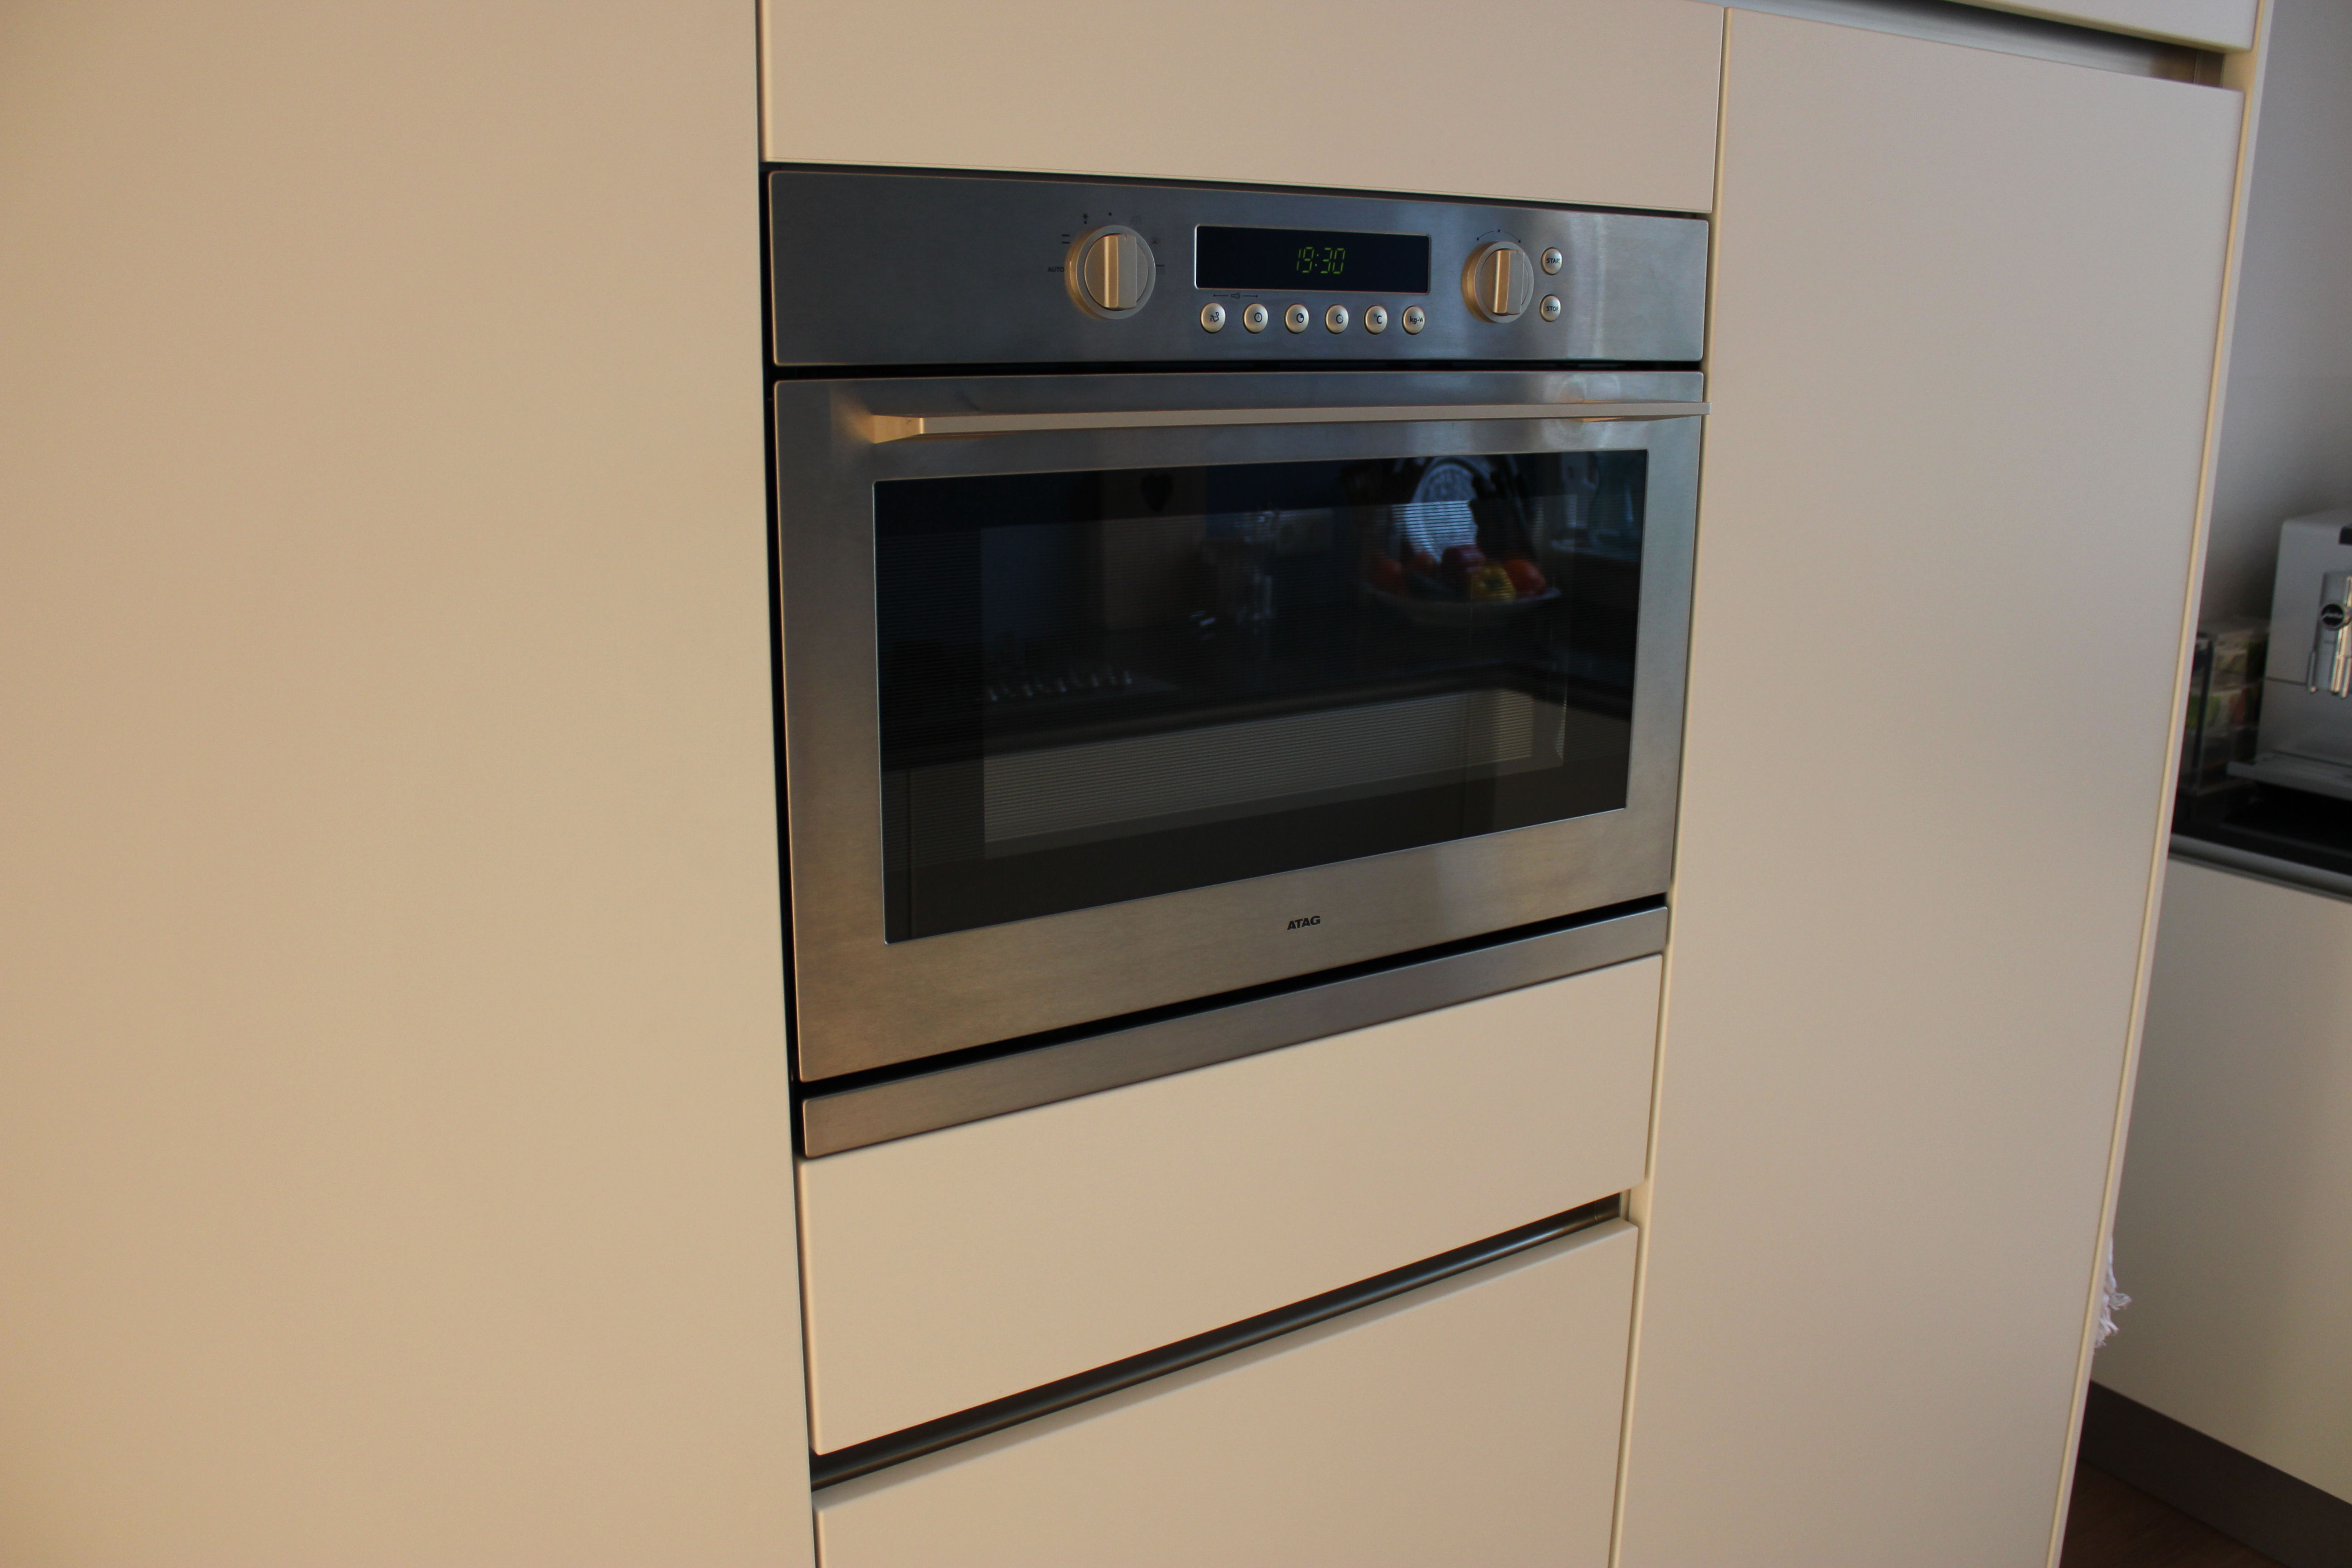 Keuken Met Gratis Quooker : Atag inbouwapparatuur met 8 jaar garantie – ABK plafondunit – Quooker